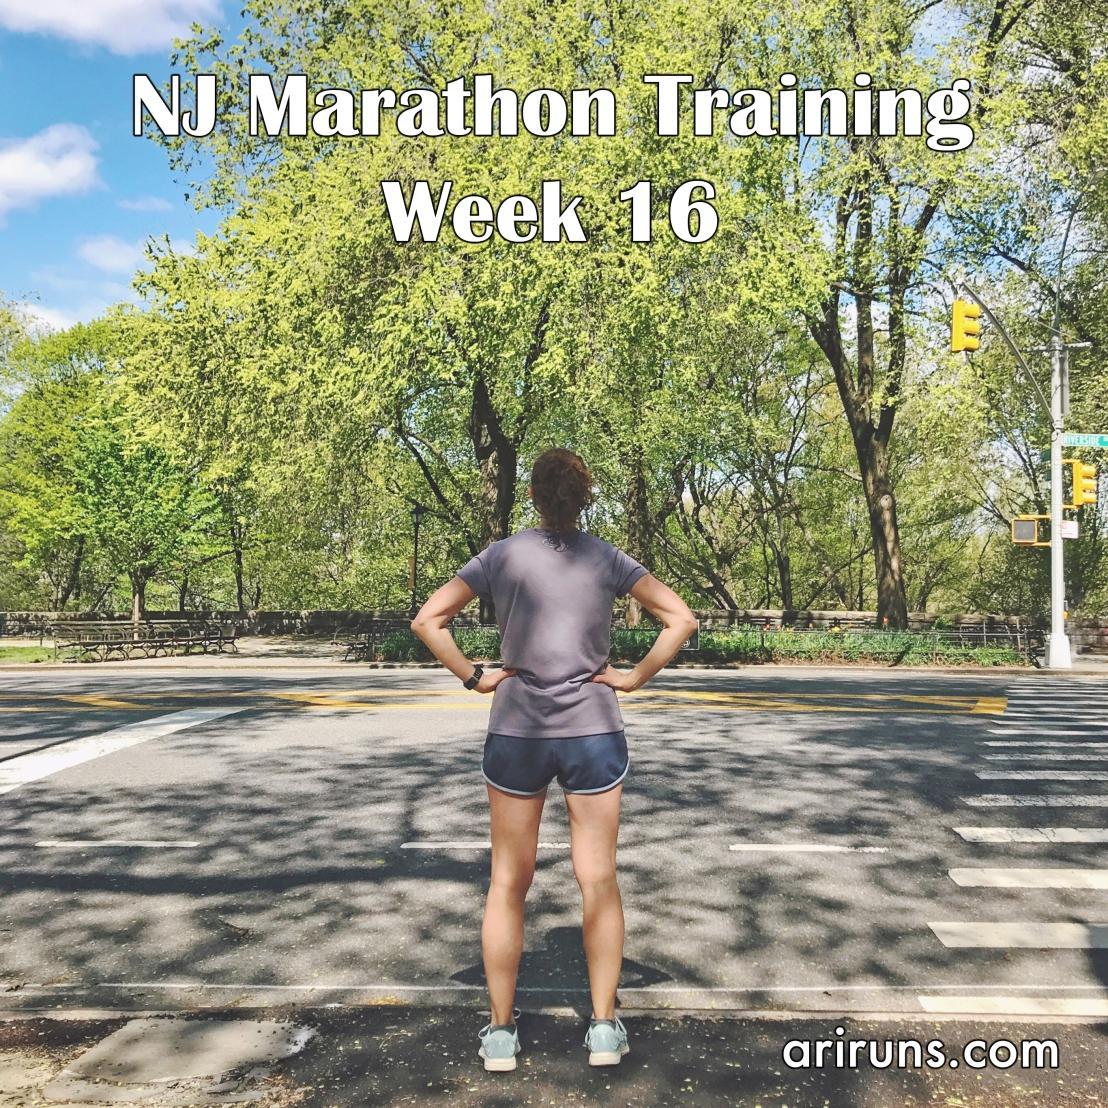 IMG_5350 NJ Marathon Training Week 16